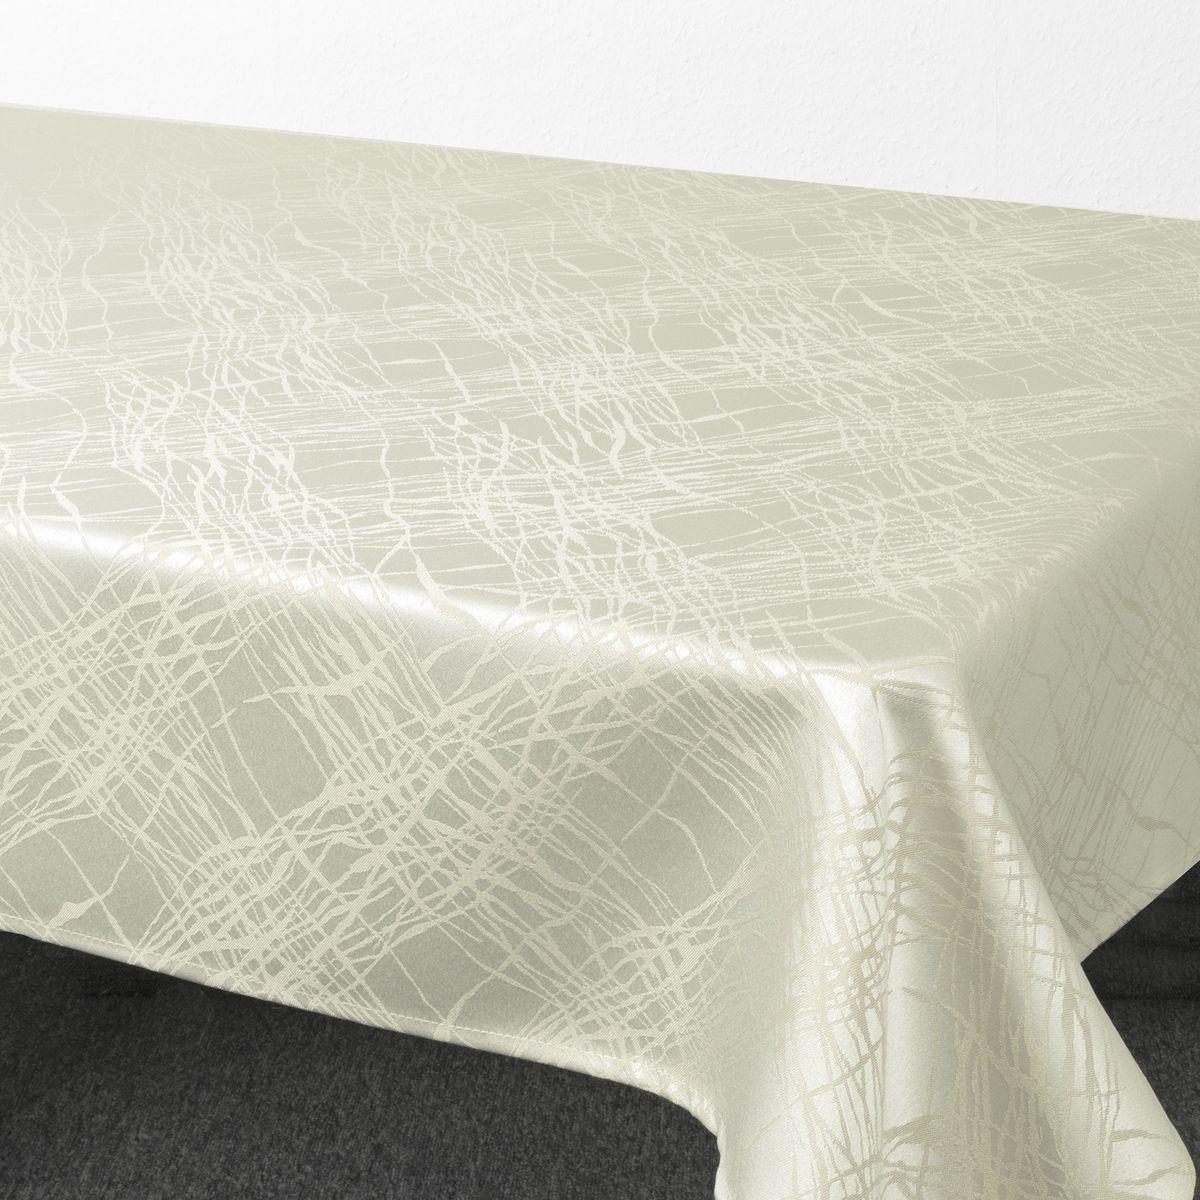 Скатерть Schaefer, прямоугольная, цвет: серый, 130 х 170 см. 07812-4291004900000360Стильная скатерть Schaefer выполнена из полиэстера.Изделия из полиэстера легко стирать: они не мнутся, не садятся и быстро сохнут, они более долговечны, чем изделия из натуральных волокон.Немецкая компания Schaefer создана в 1921 году. На протяжении всего времени существования она создает уникальные коллекции домашнего текстиля для гостиных, спален, кухонь и ванных комнат. Дизайнерские идеи немецких художников компании Schaefer воплощаются в текстильных изделиях, которые сделают ваш дом красивее и уютнее и не останутся незамеченными вашими гостями. Дарите себе и близким красоту каждый день!